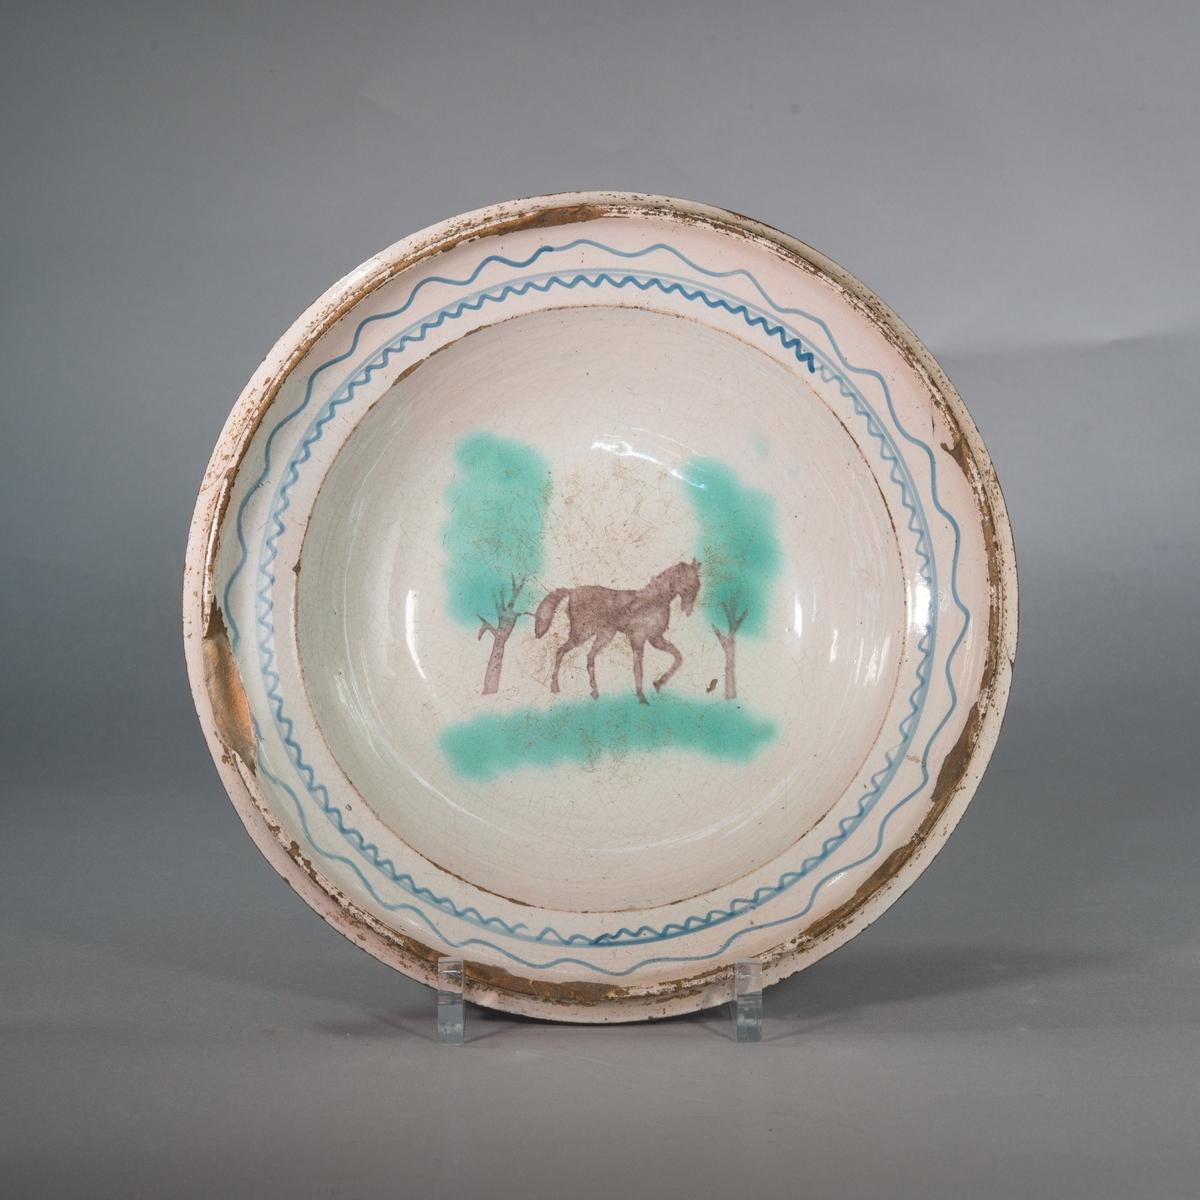 """Fat, lergodsfat, vitglaserat. I mitten schablonmålad och svampad dekor i form av häst i helfigur i mangan samt på var sida träd i grönt och mangan. Runt brättet vågformad blå dekor. S.k. """"Stettiner""""."""